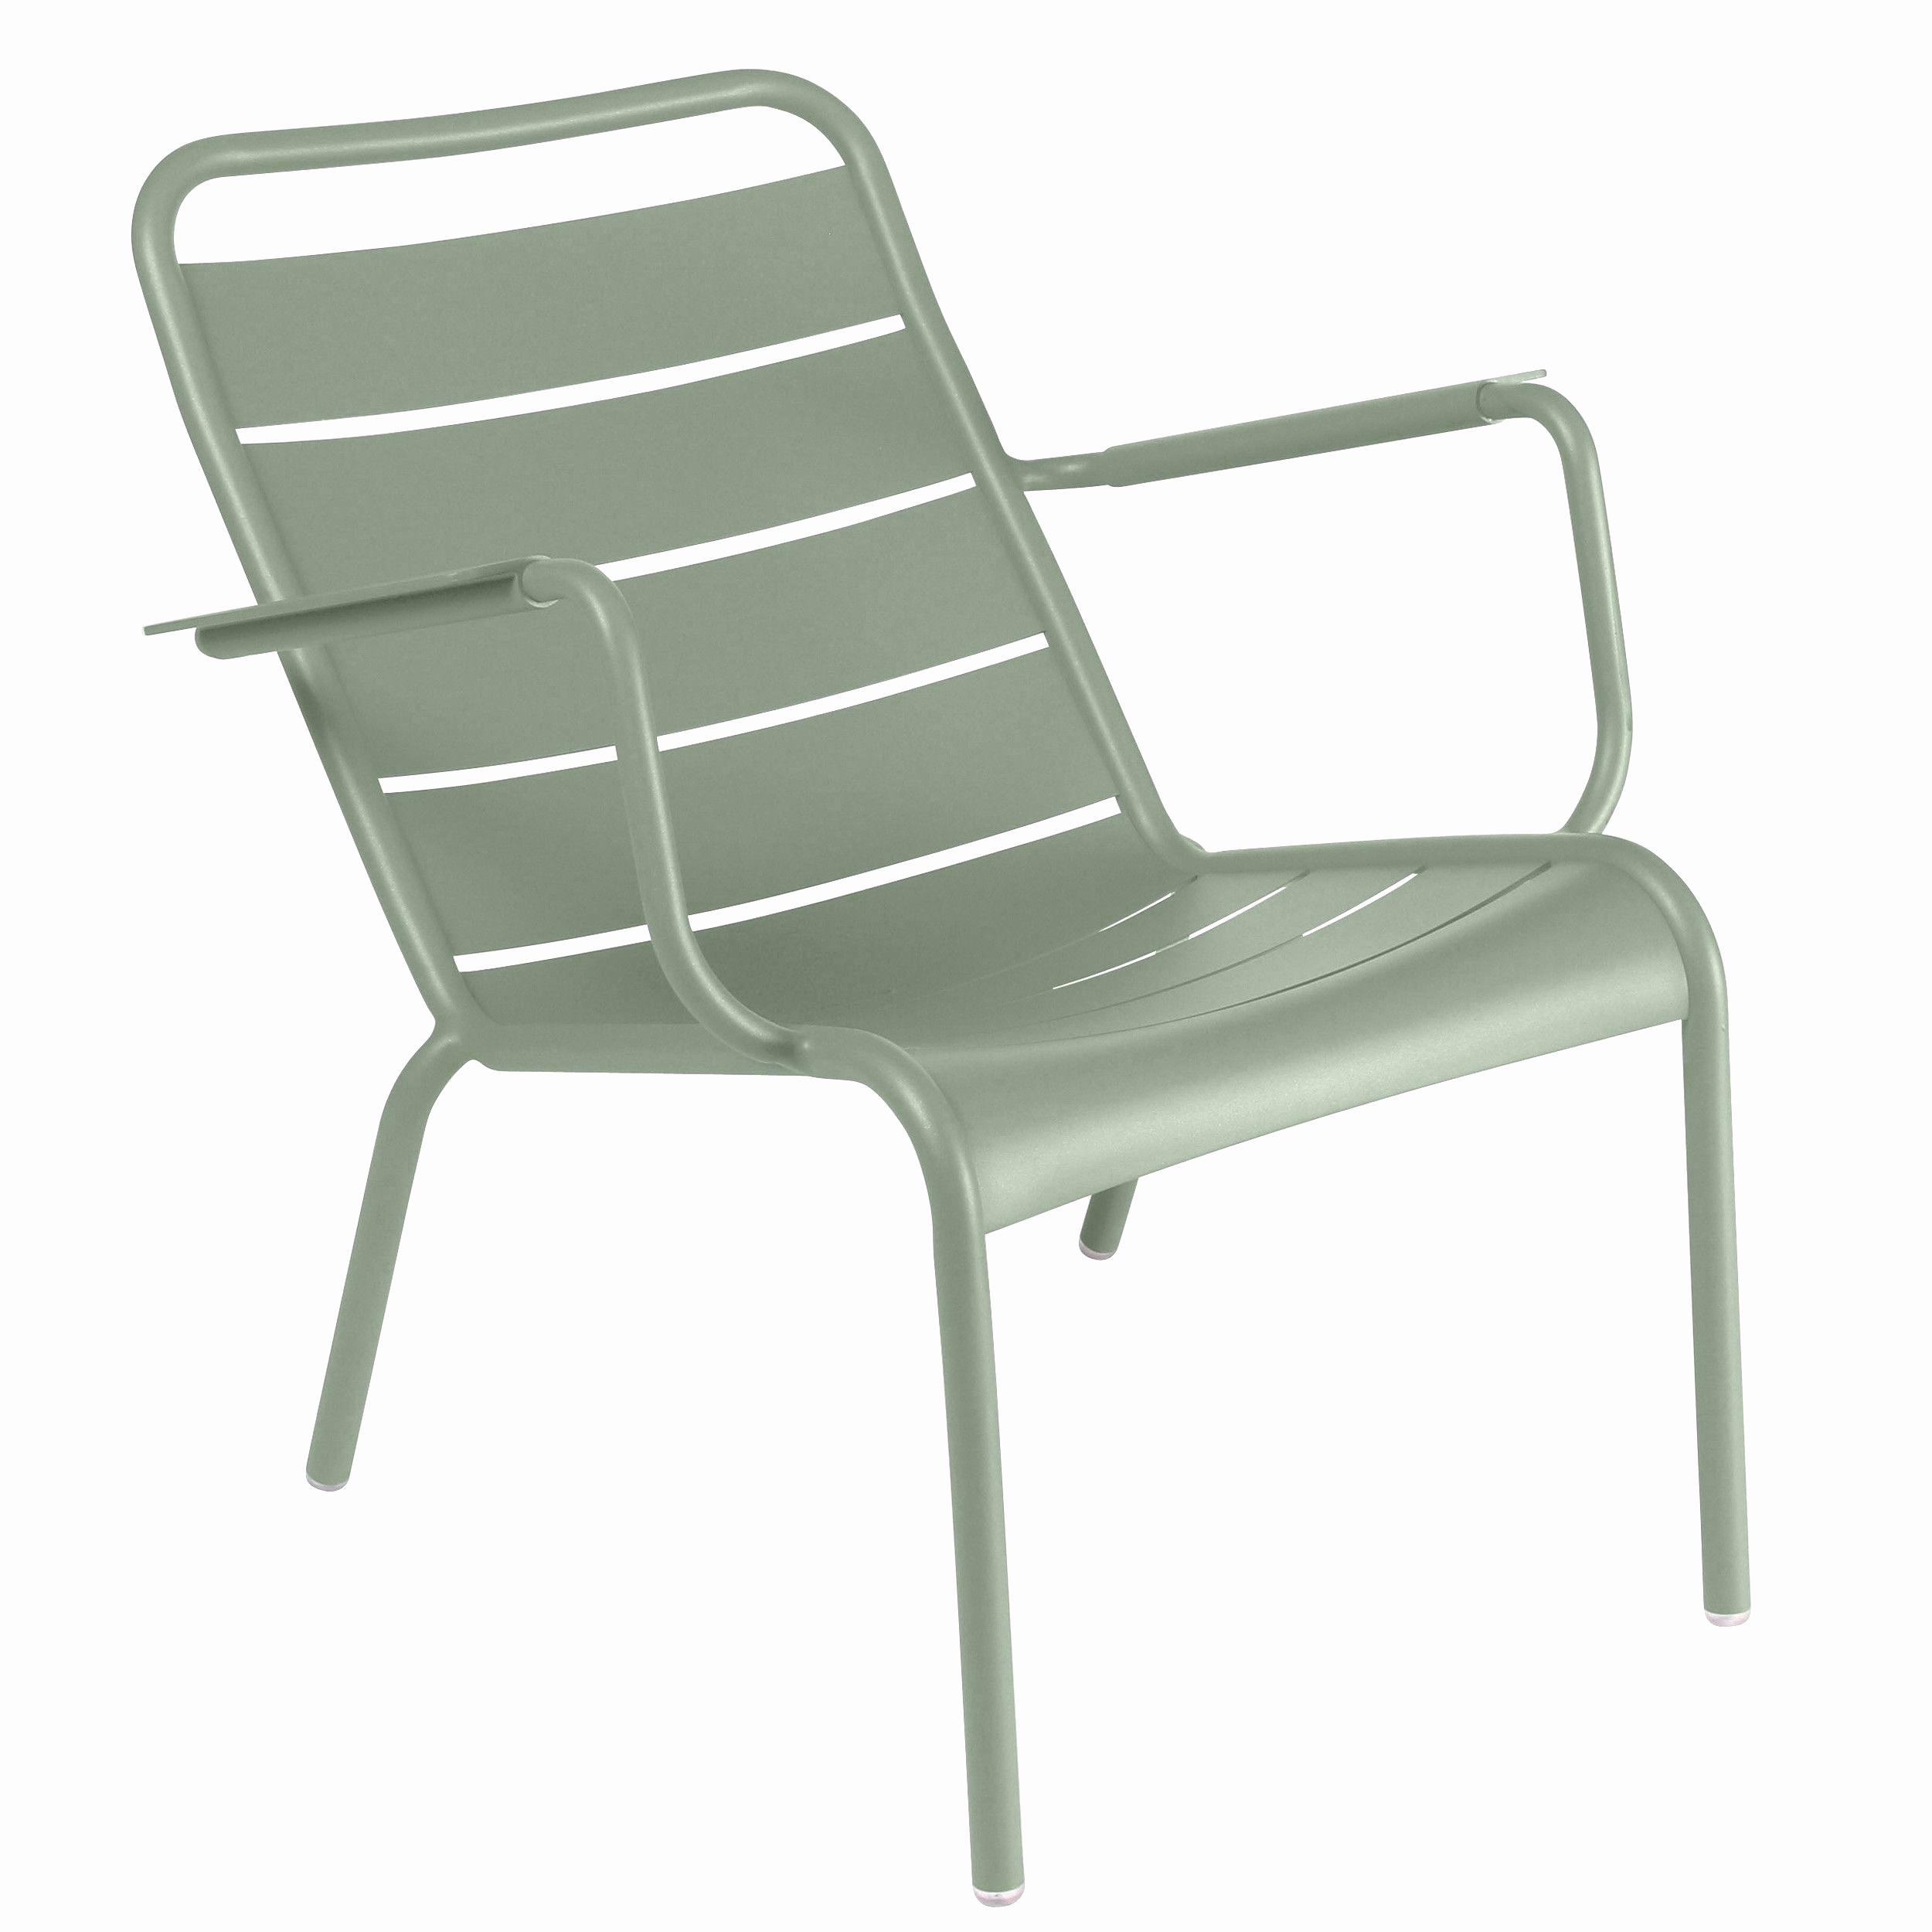 Coussin Chaise Ikea Unique Fauteuil De Jardin Ikea Beautiful ... concernant Banc De Jardin Ikea